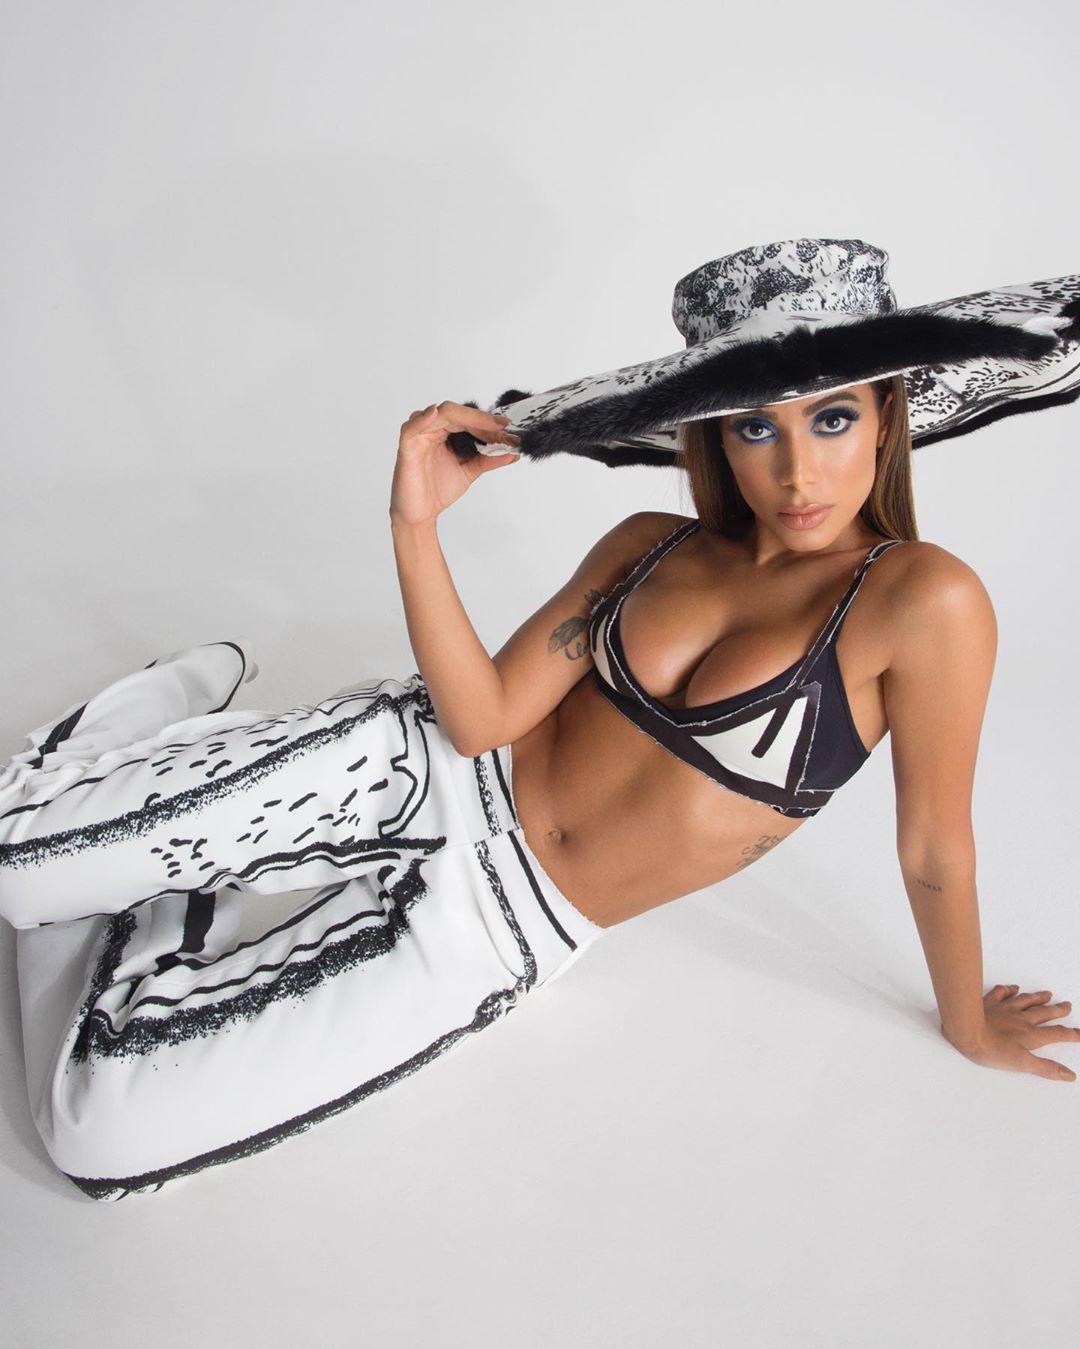 Anitta diz que está adorando estar por fora dos planos da carreira e pretende ser mãe aos 30